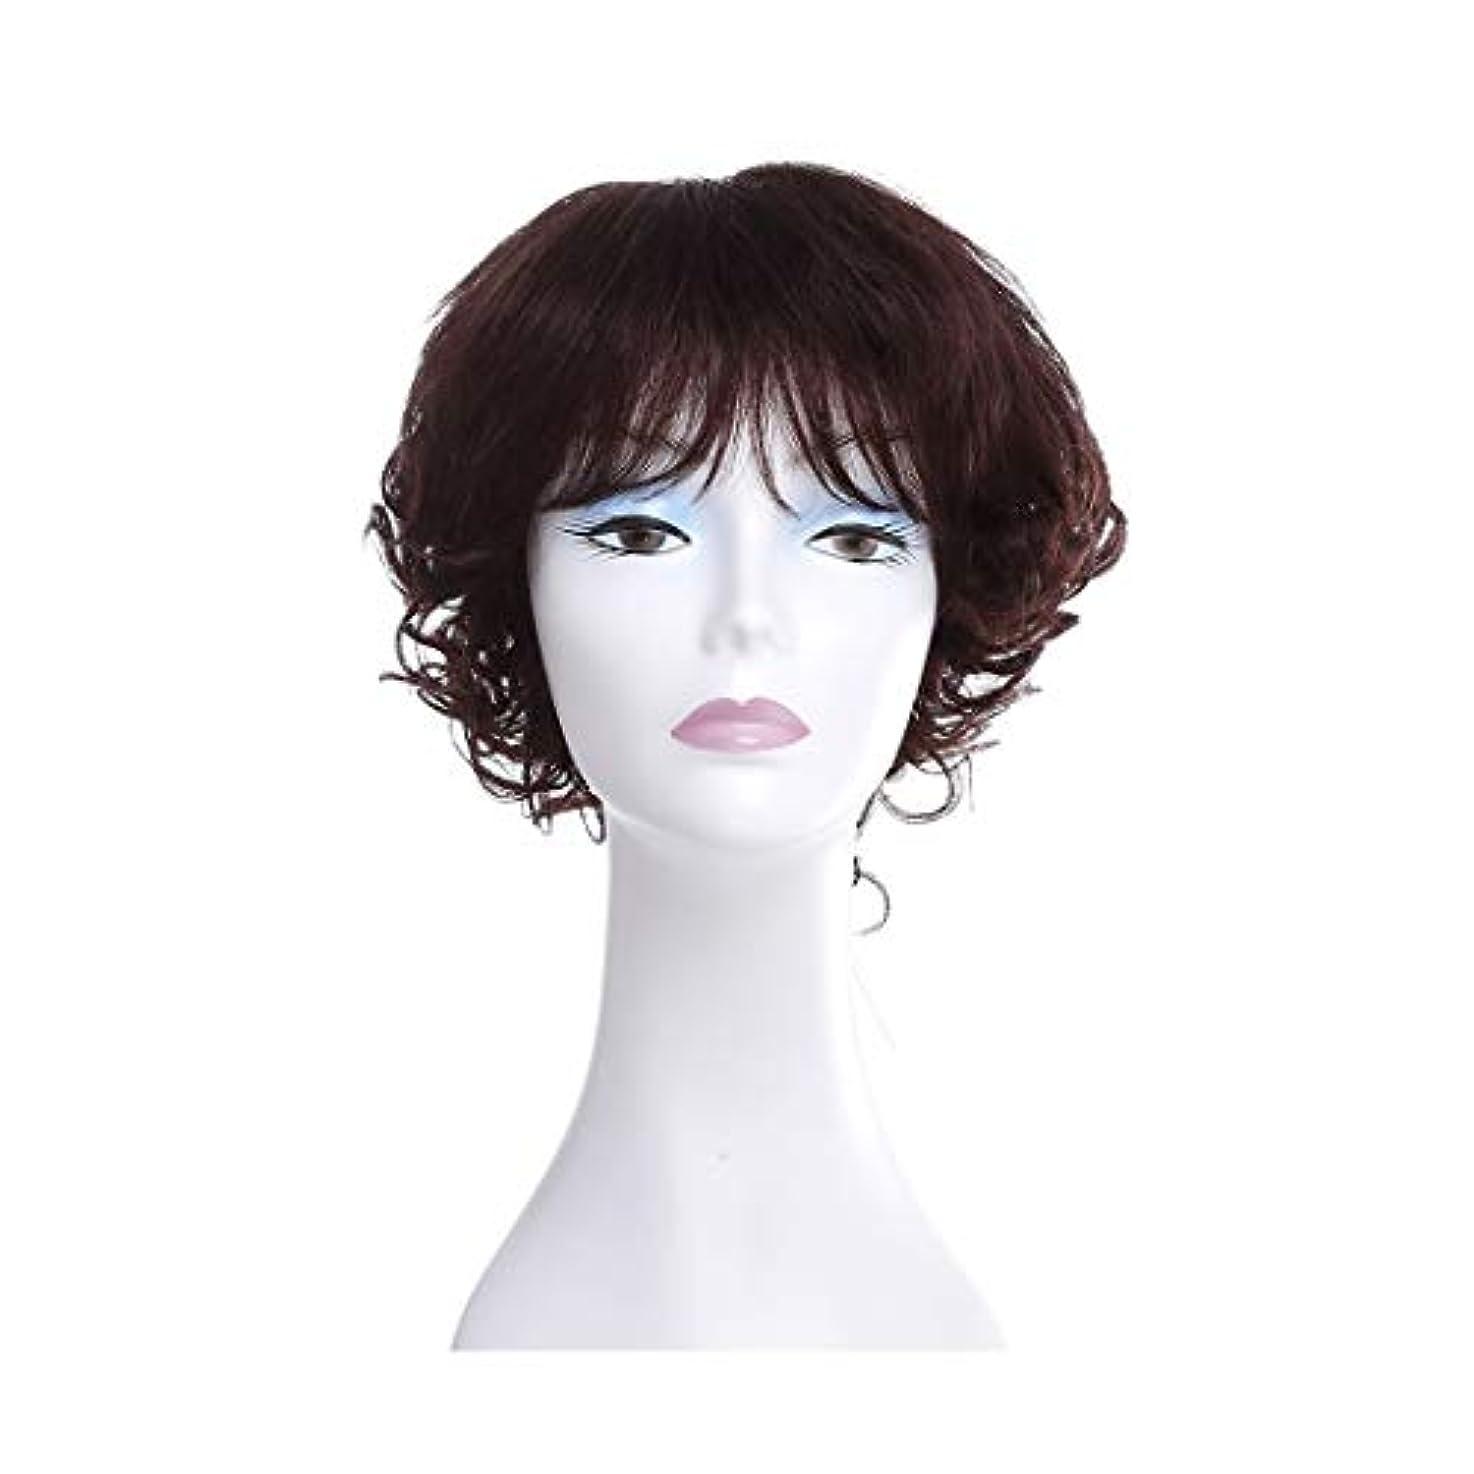 教室スクレーパー自由YOUQIU 女性ウィッグ100%実髪ストレッチネット気質ふわふわカーリーヘアウィッグウィッグ (色 : Photo Color)